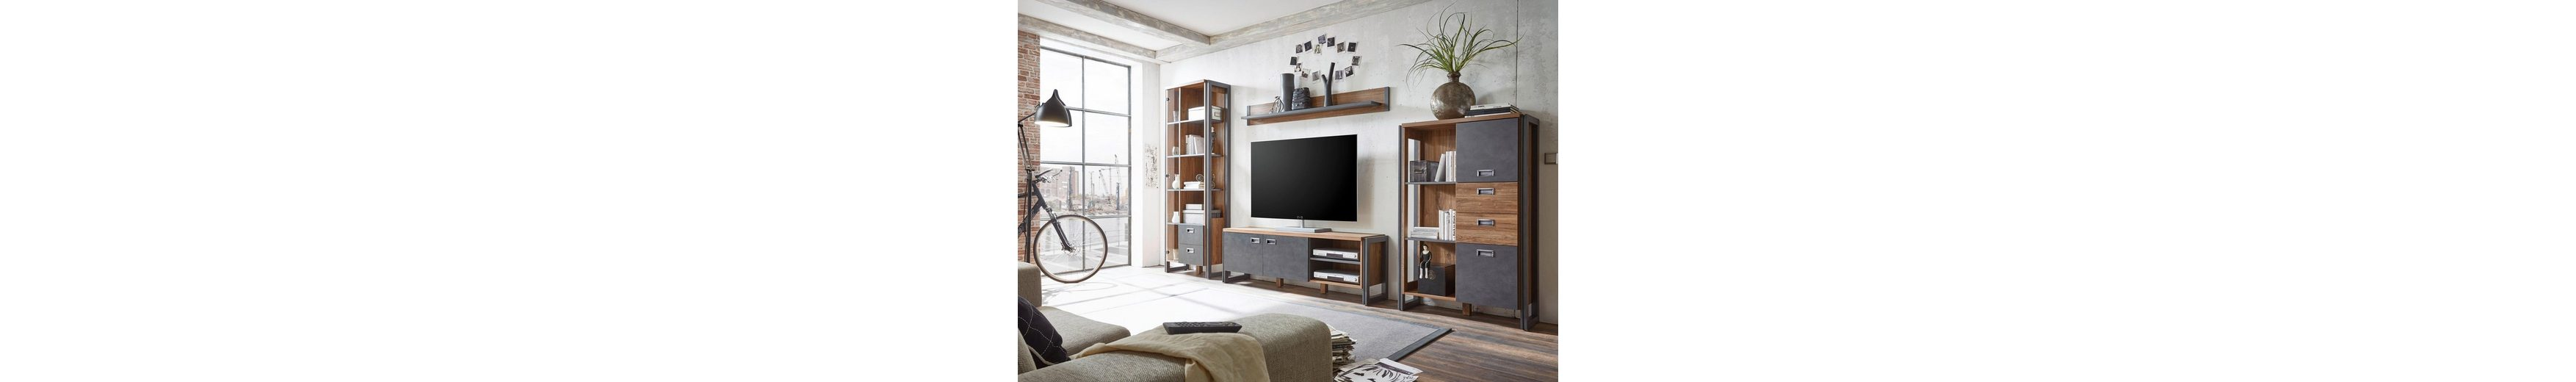 Home affaire Wohnwand (4tlg.) »Detroit4« im angesagten Industrial Look